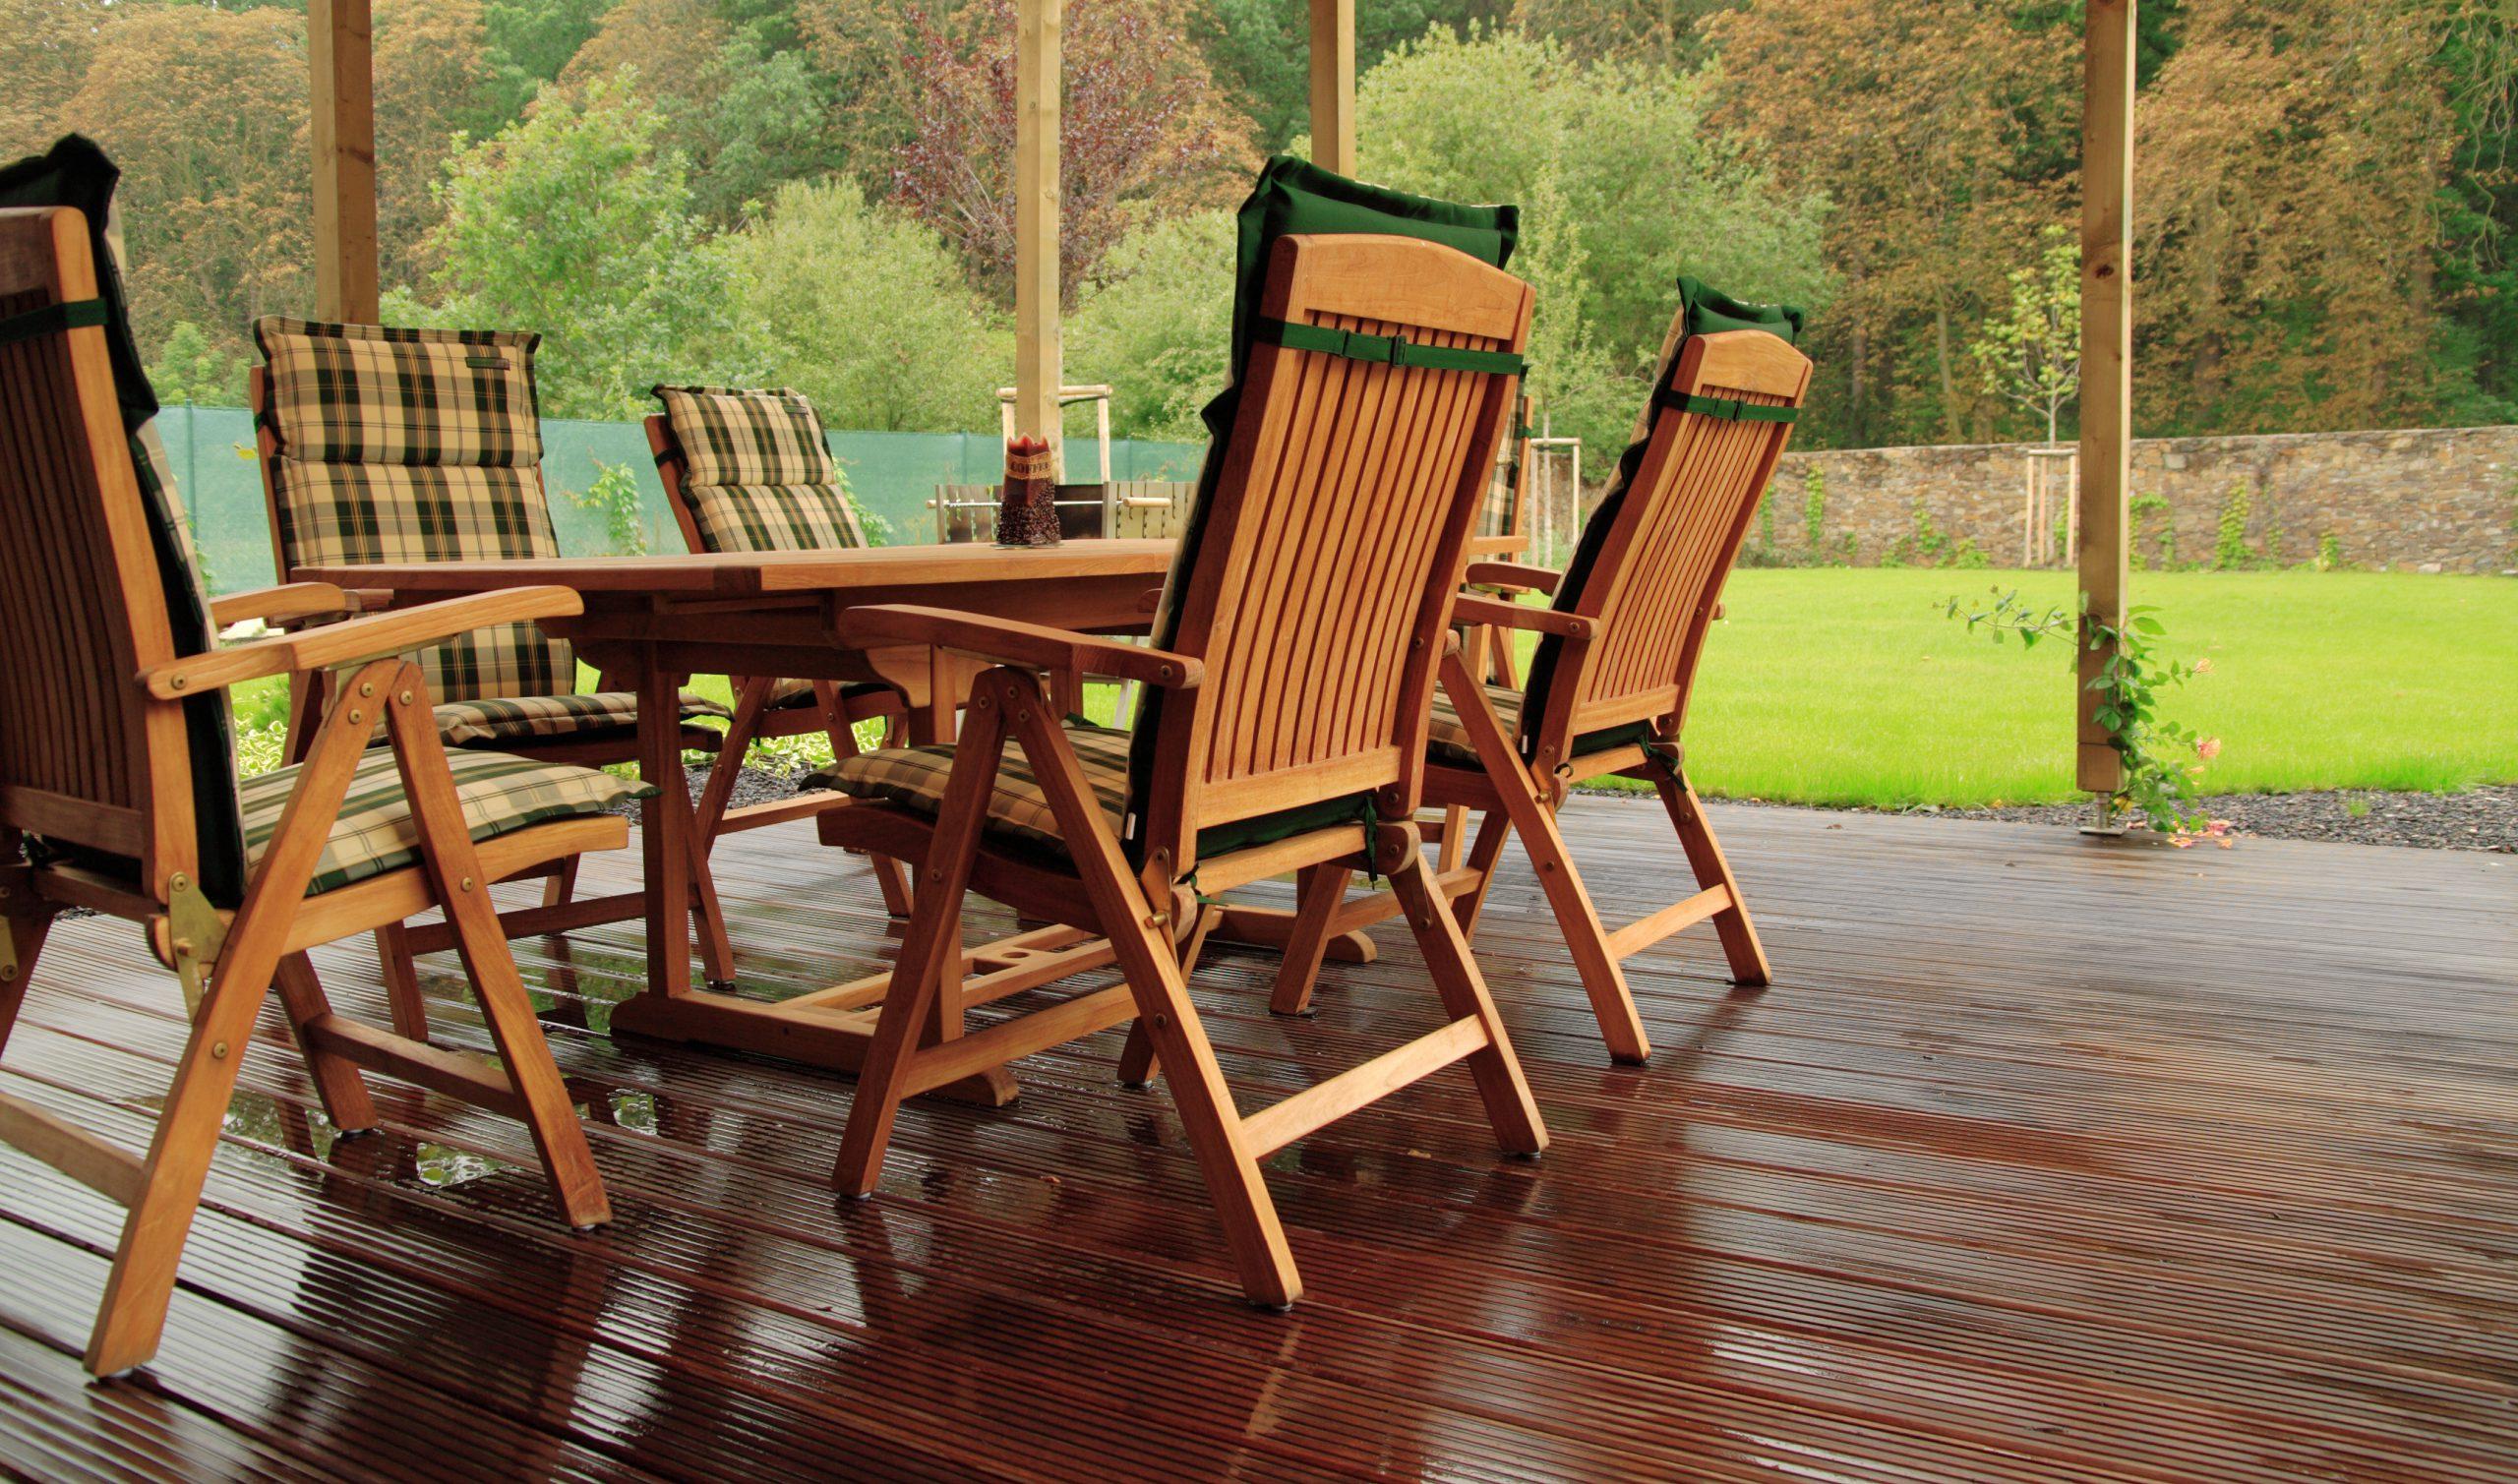 Enjoy Luxury Teak Garden Furniture in your Garden